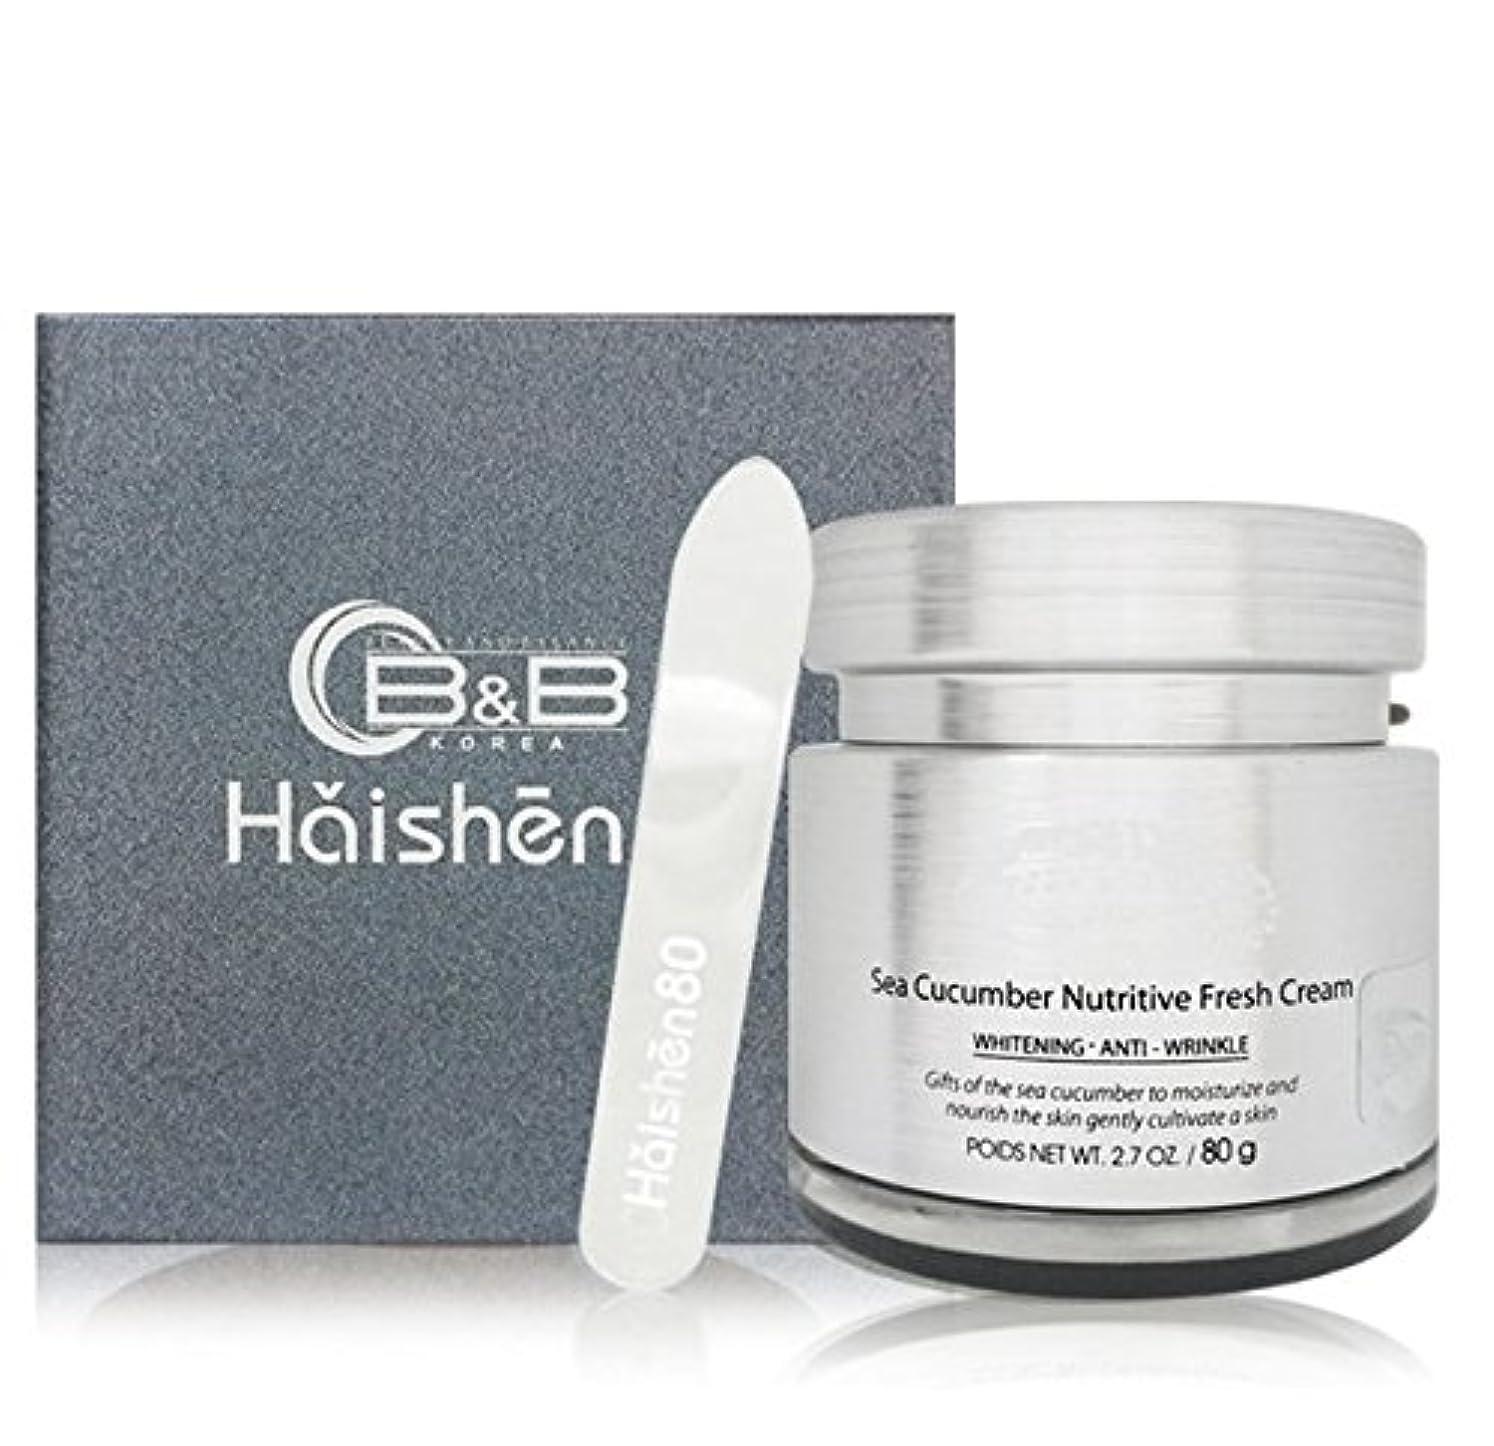 レーダー自信がある光沢[訳有り?OUTLET]Haishen80 Sea cucumber Nutritious Fresh Cream 80g ハイサン 80 シーキューカンバーニュトゥリチブフレッシュクリーム 80g